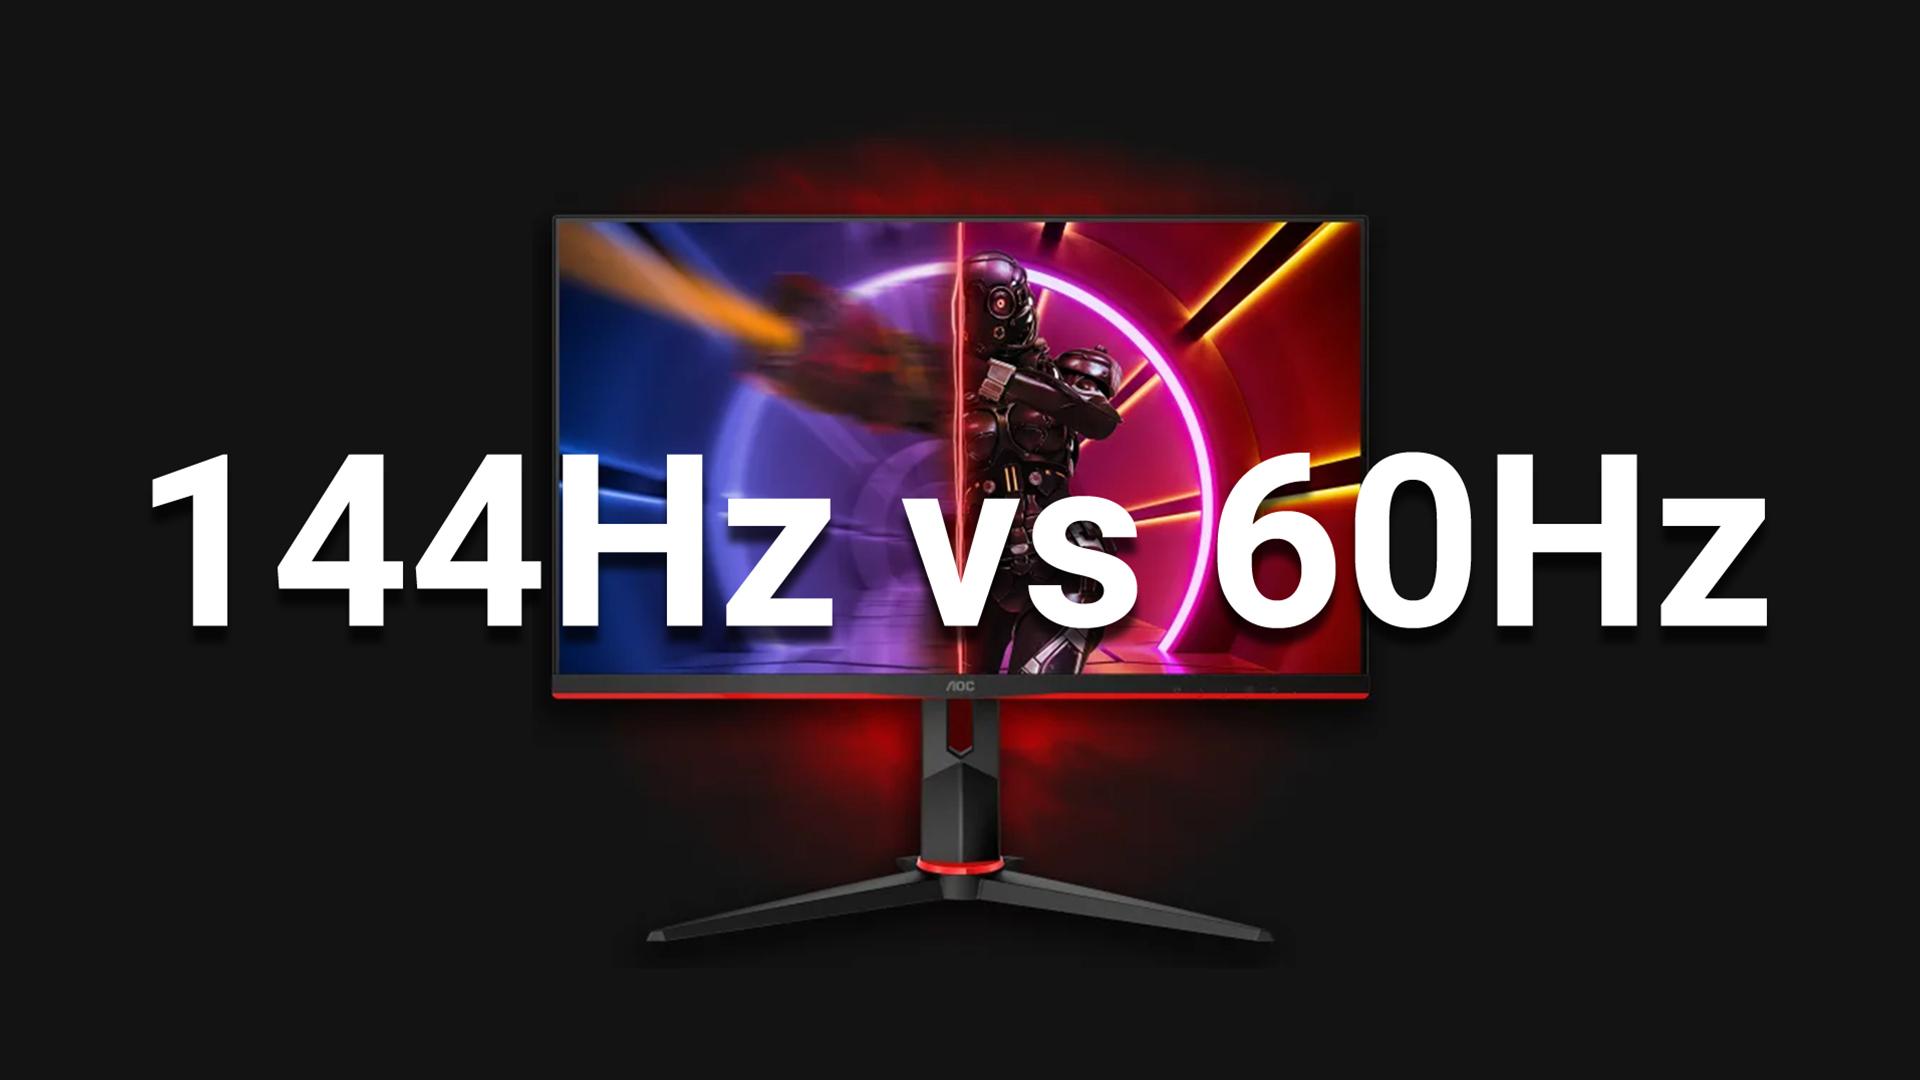 144 Hz vs 60 Hz